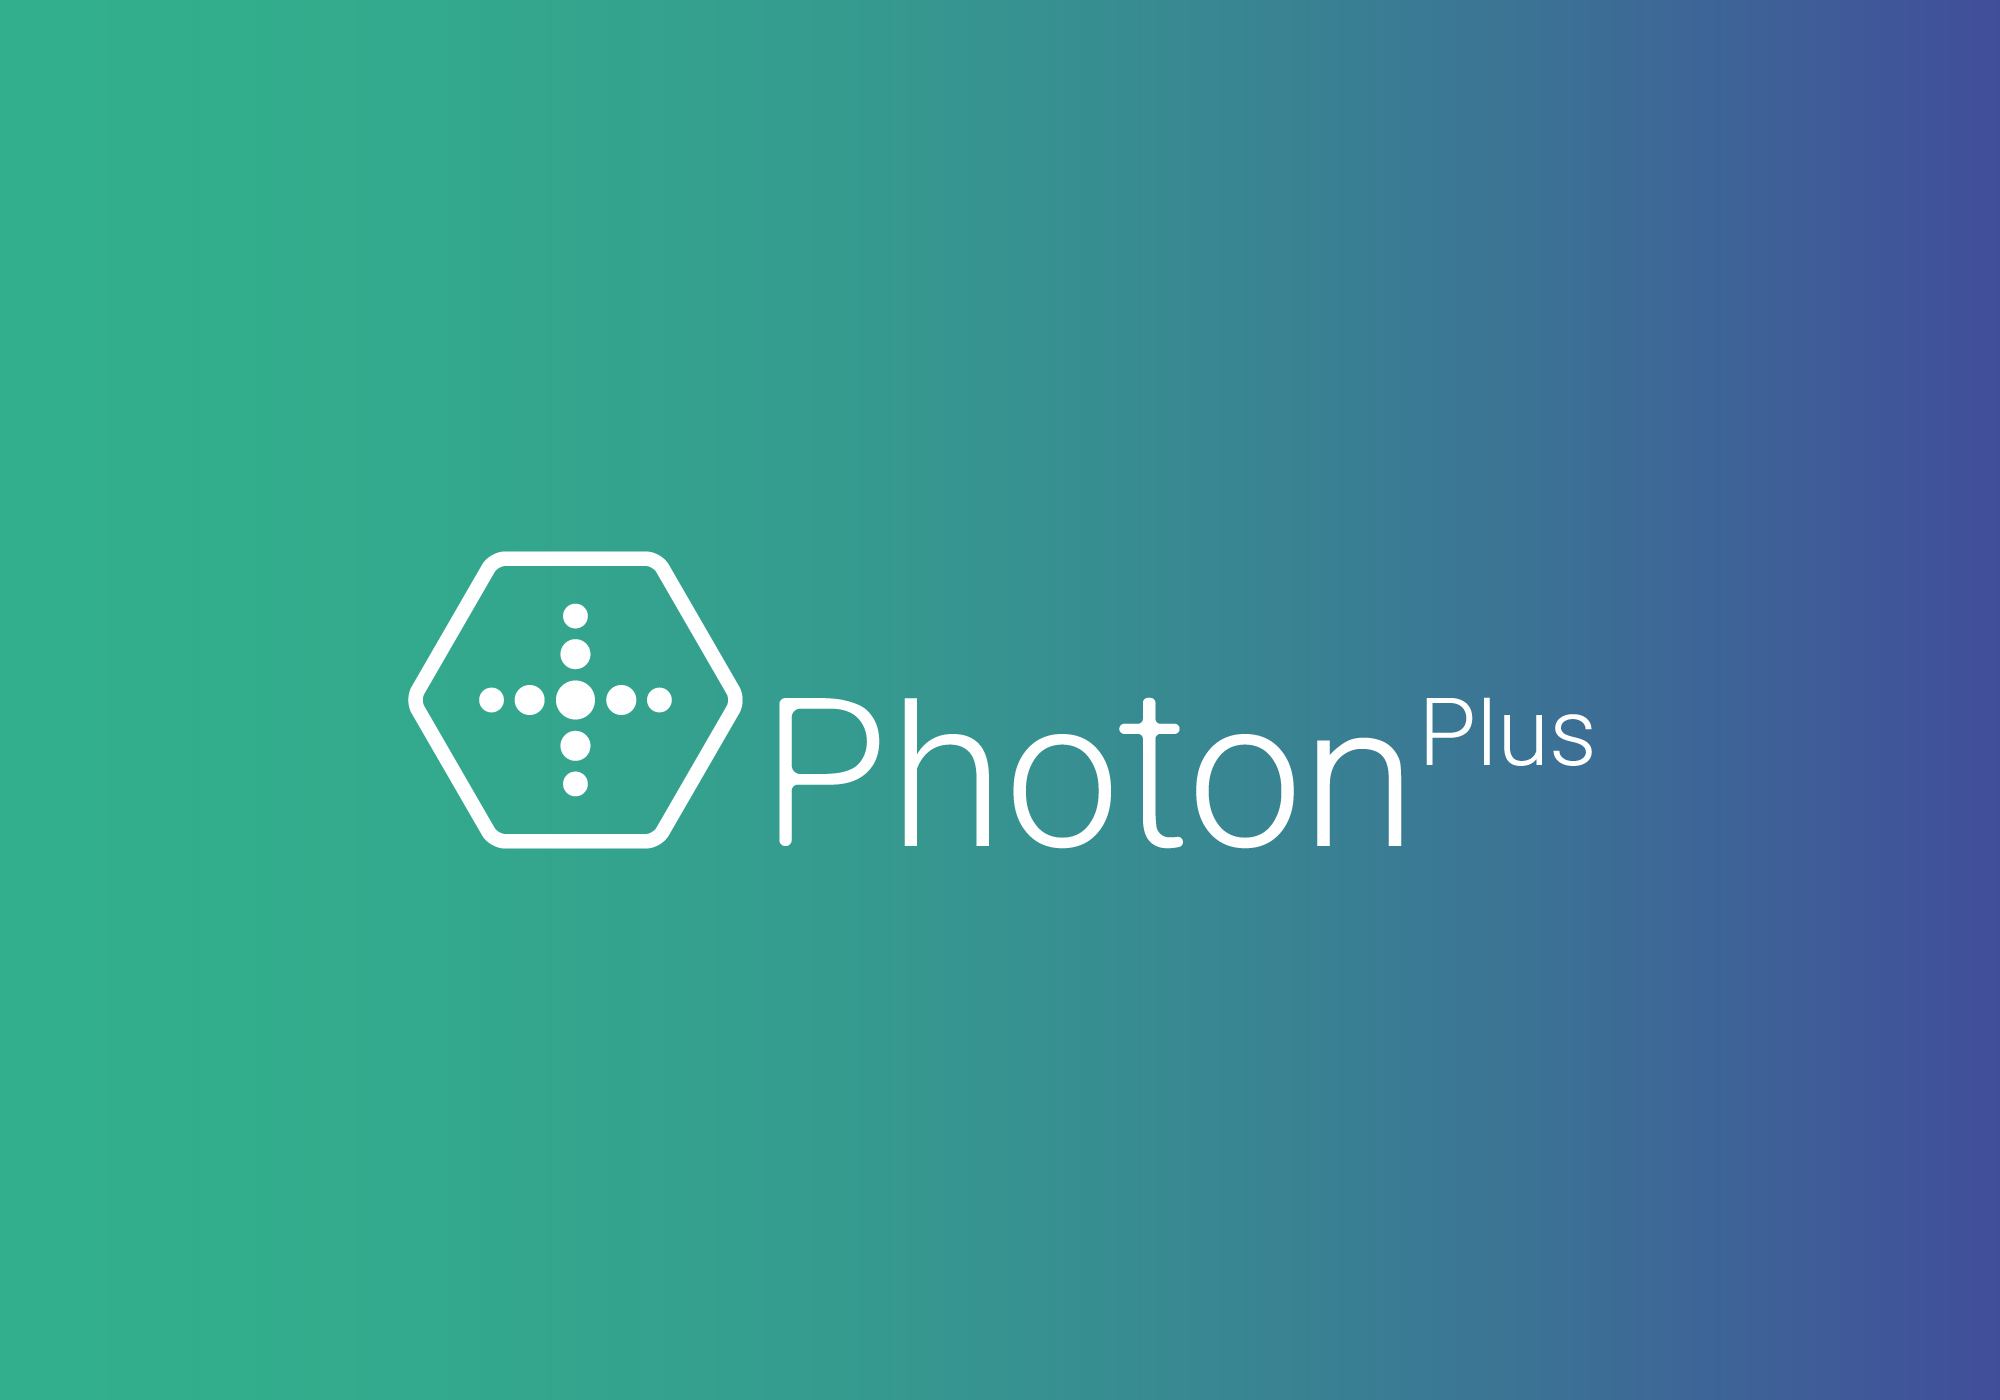 photonplus-10